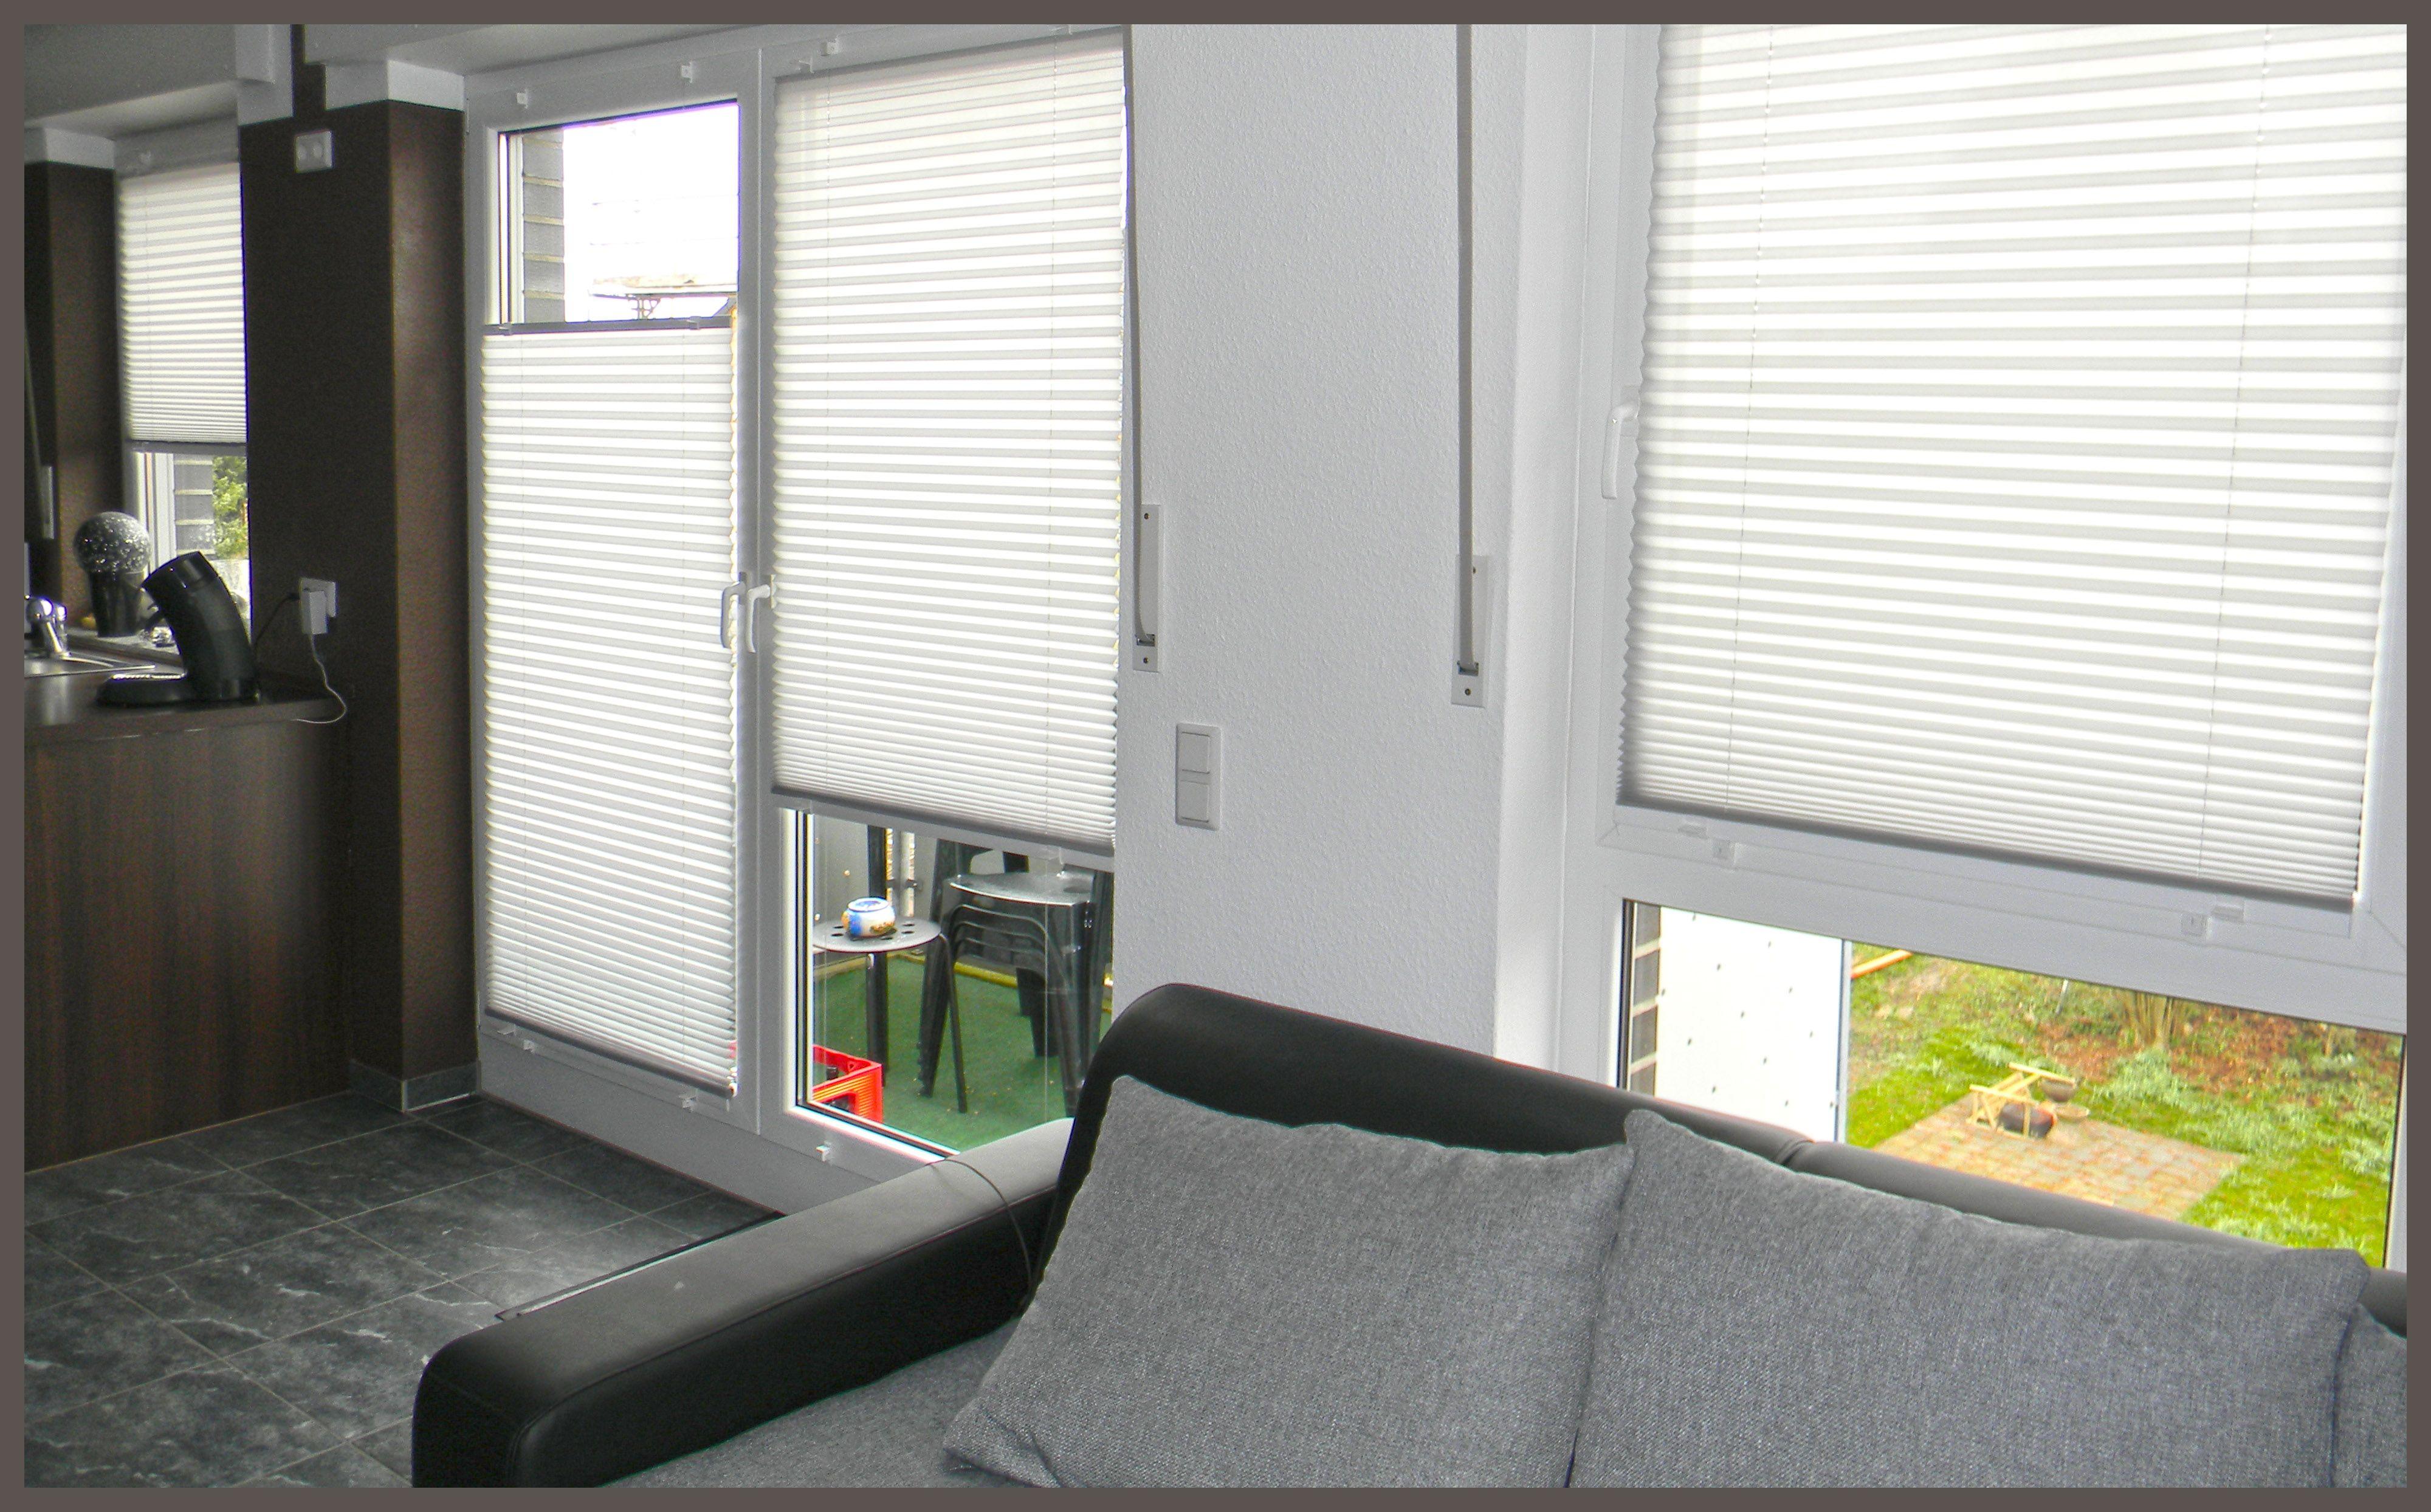 Plissee Wohnzimmer plissee wohnzimmer wohnidee gemütlich macht euer zuhause schöner